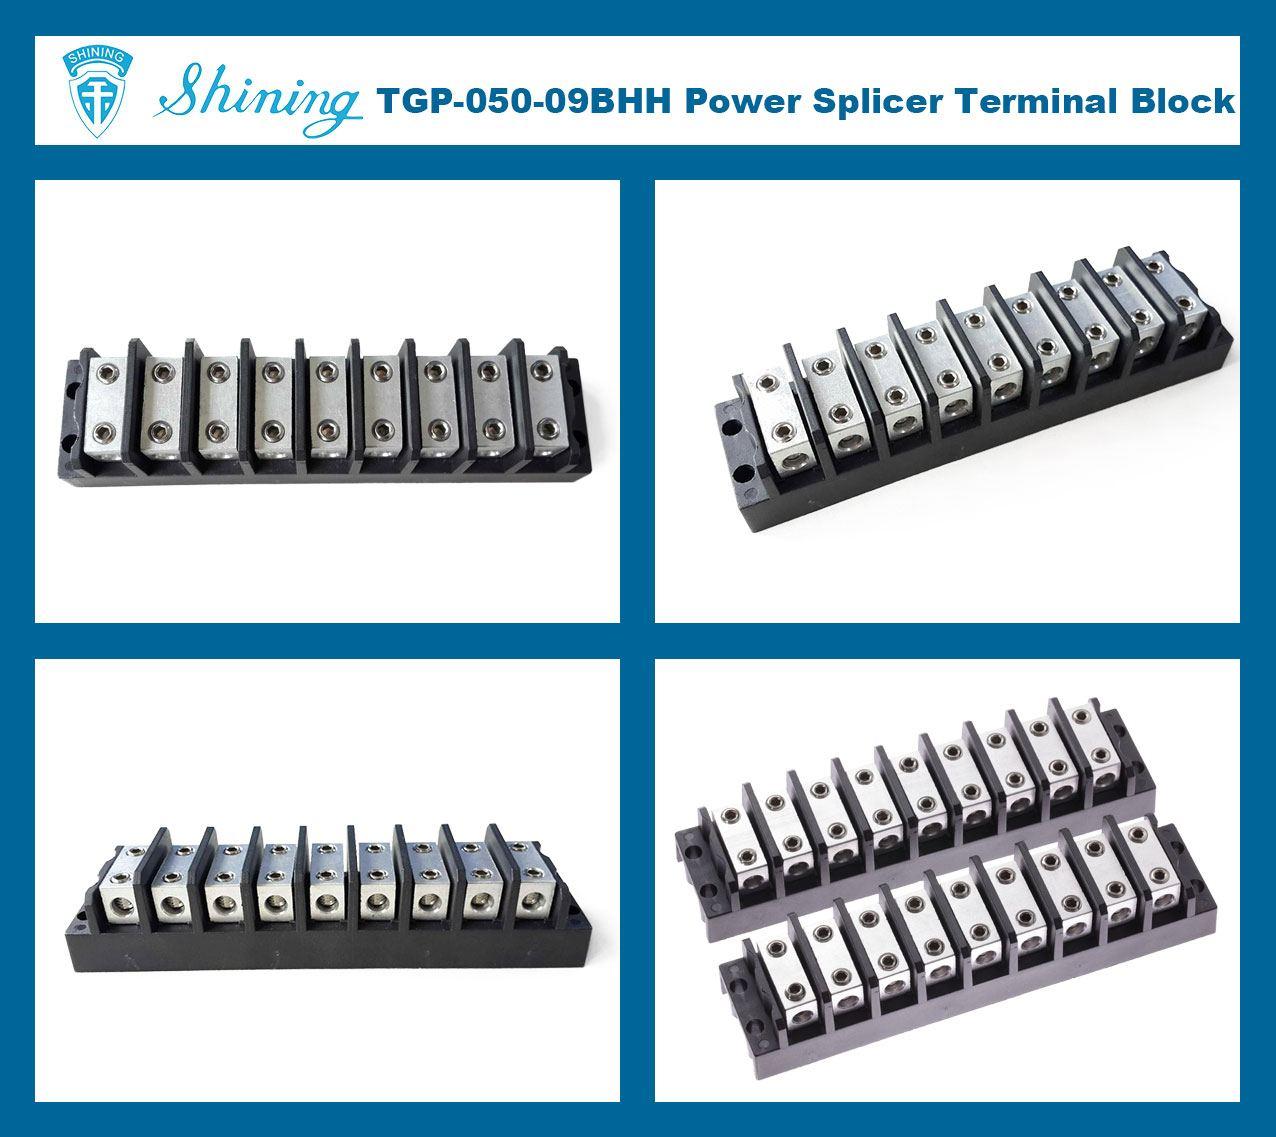 Shining E Amp E Tgp 050 09bhh 600v 50a 9 Way Power Splicer Terminal Block